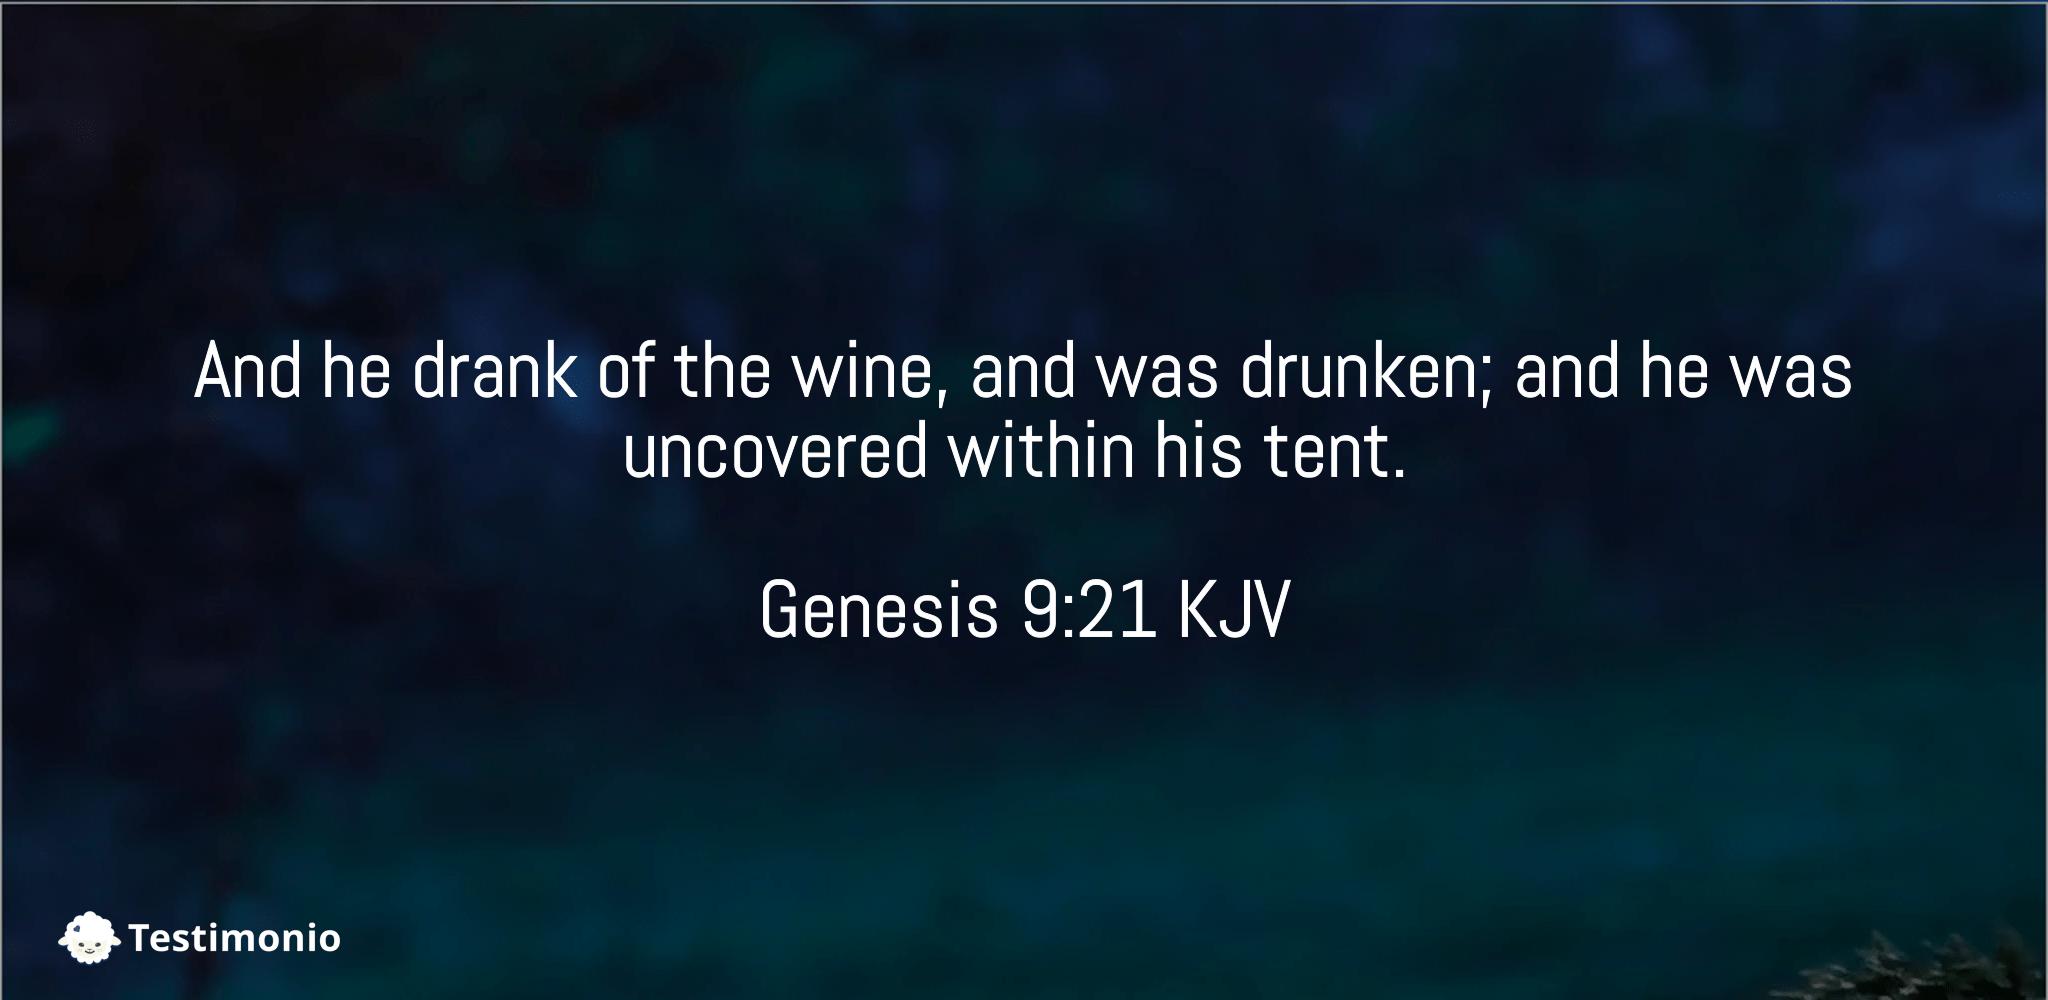 Genesis 9:21